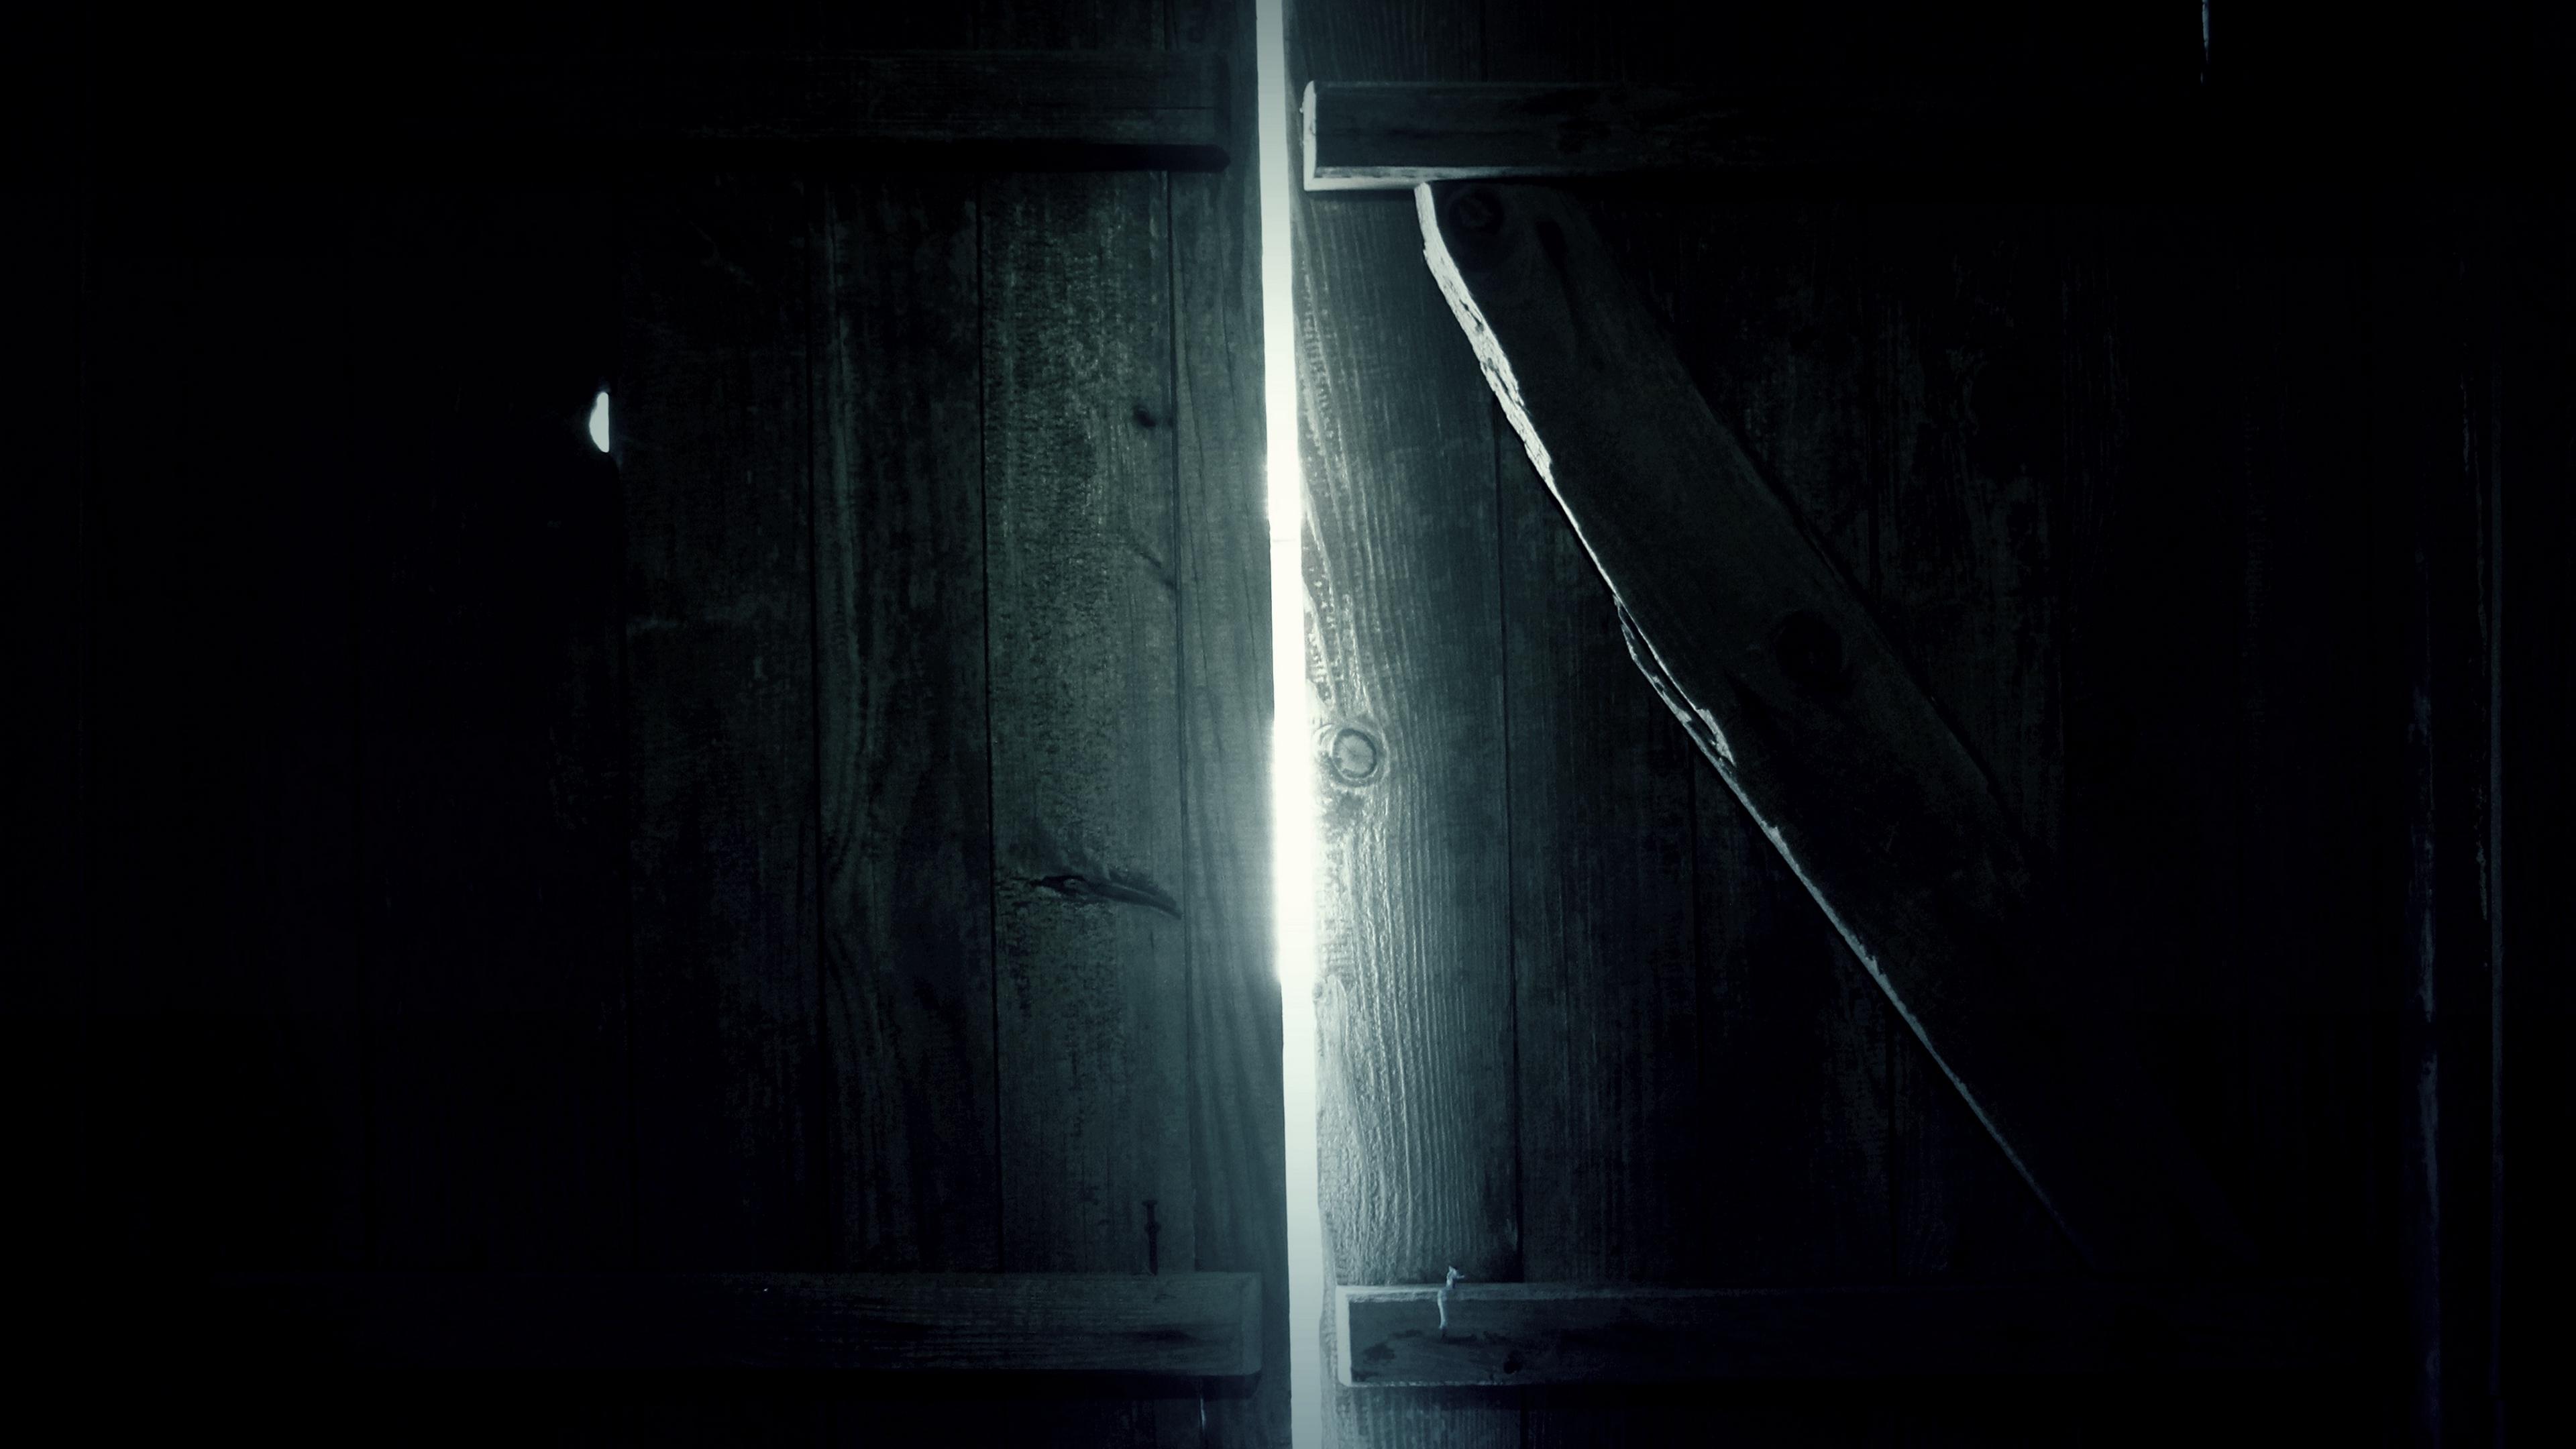 door wooden dark light 4k 1540575541 - door, wooden, dark, light 4k - Wooden, Door, Dark